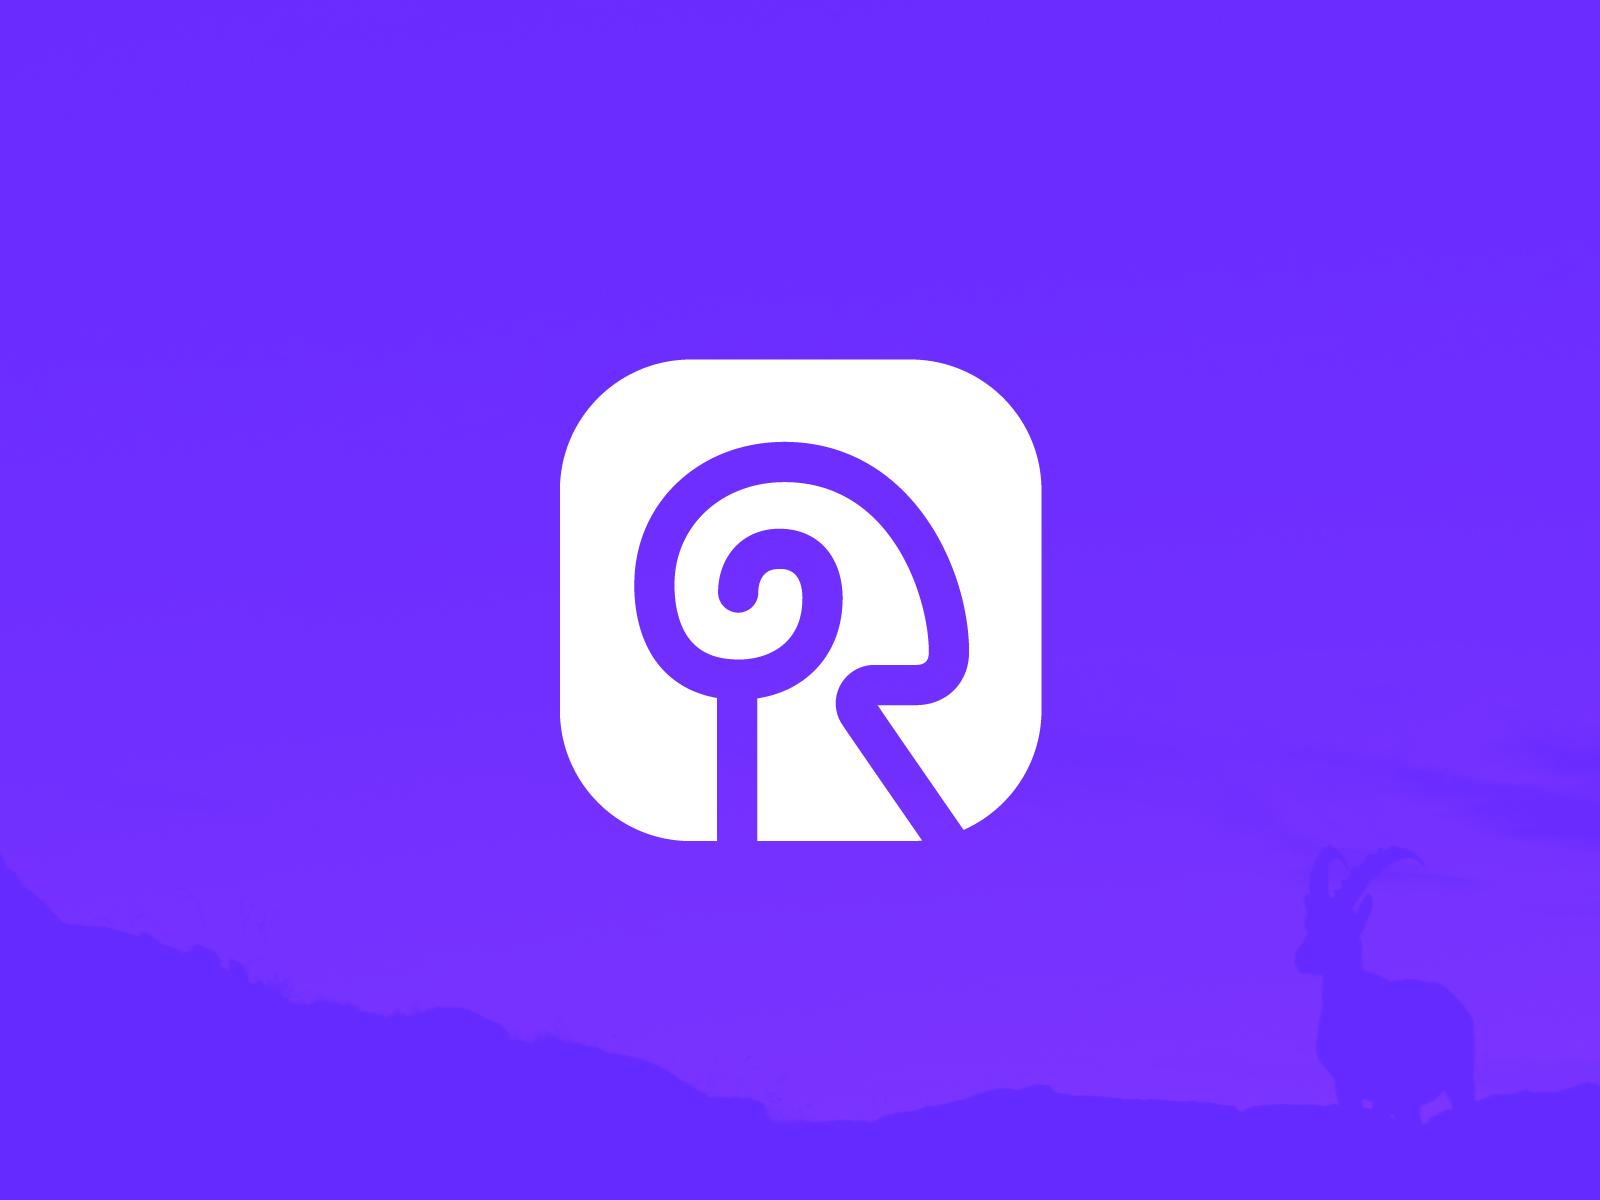 Ram 02